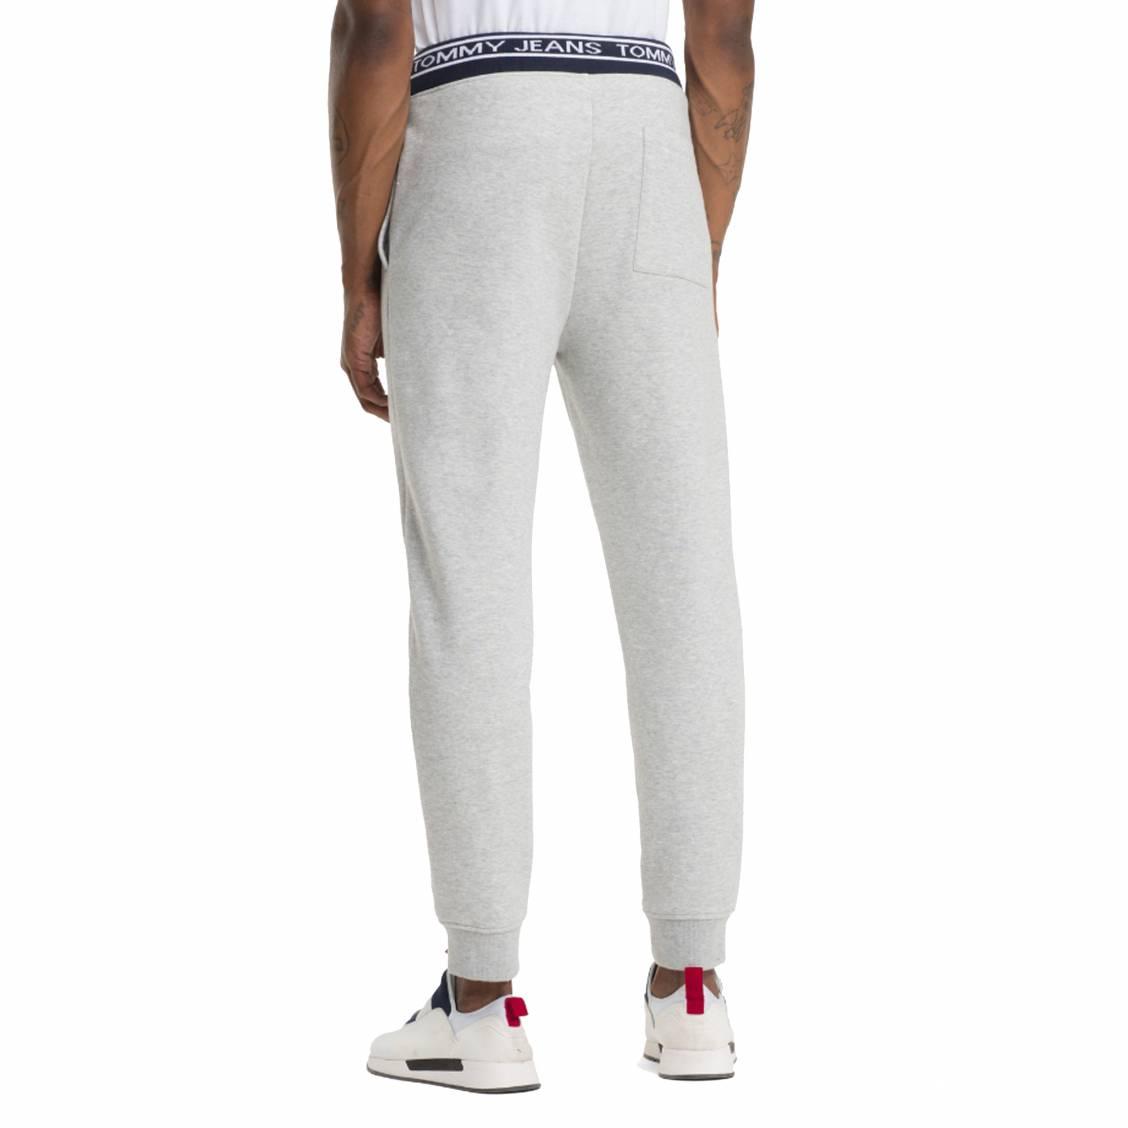 ... Pantalon de jogging Tommy Jeans Rib Logo en coton mélangé gris clair  chiné à ceinture logotypée ... 18a35e13318